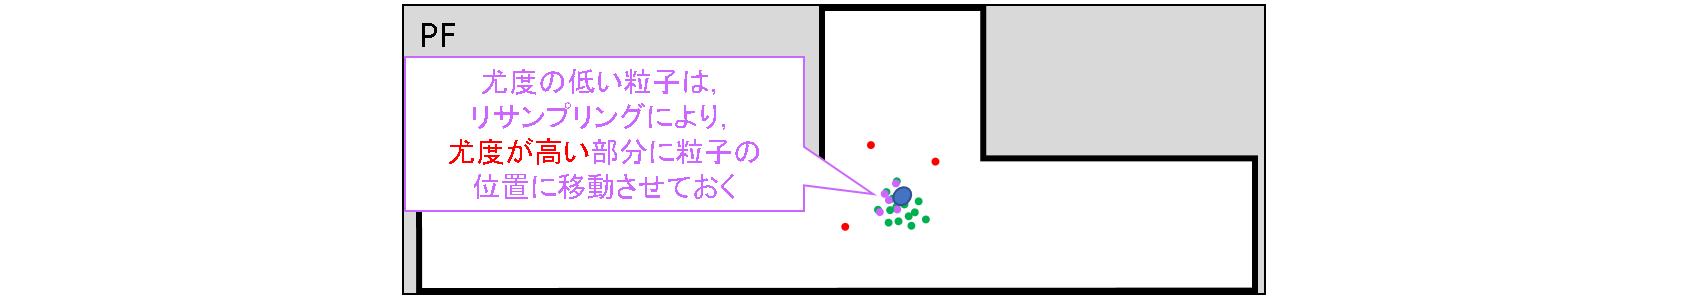 34_重みリサンプリング.png